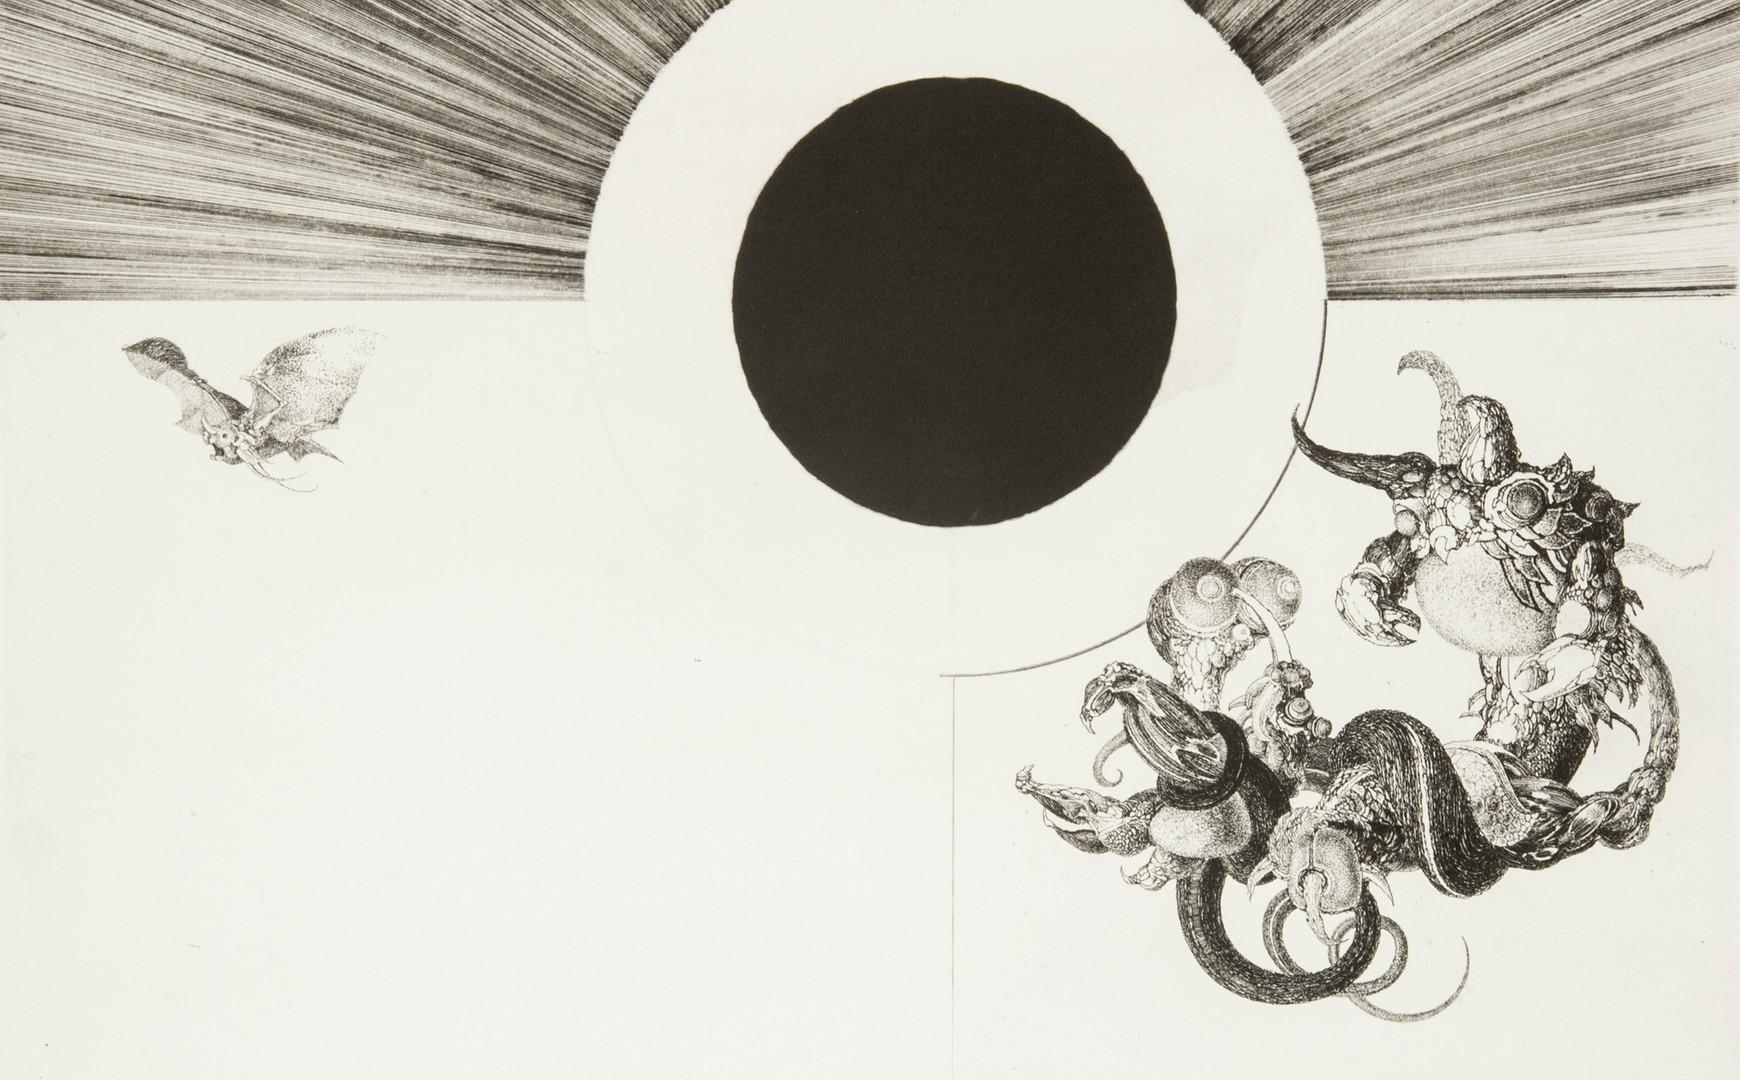 François Lunven, Le printemps de Pluton, 1964